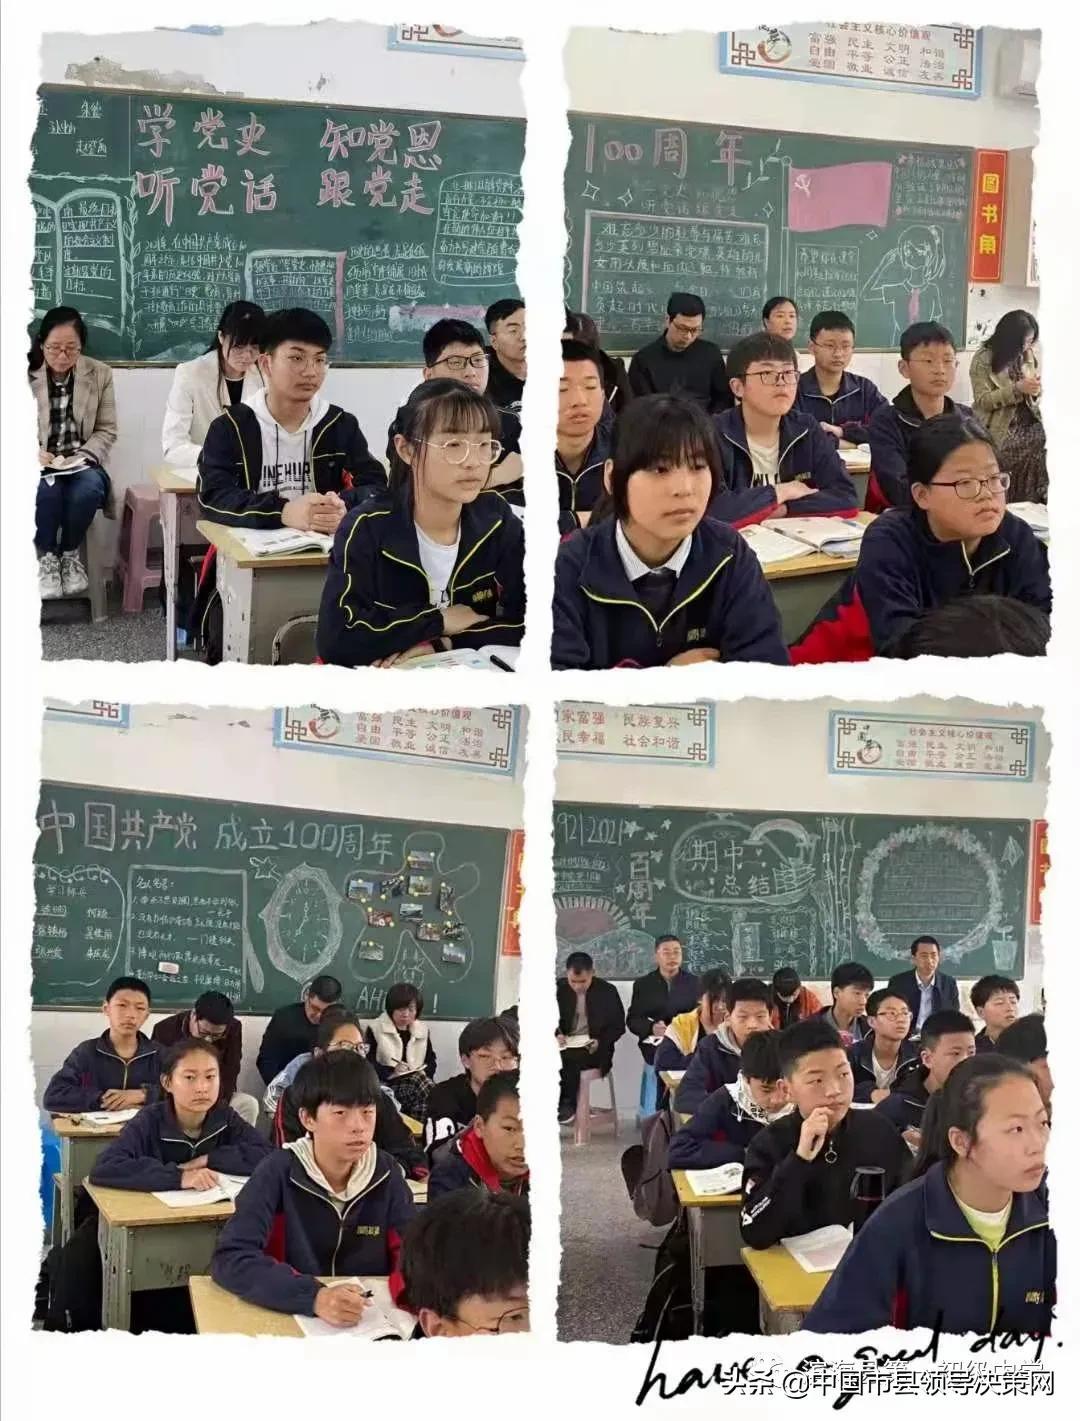 江苏滨海一中博雅四有好教师团队赴秉义初级中学开展教学研讨活动